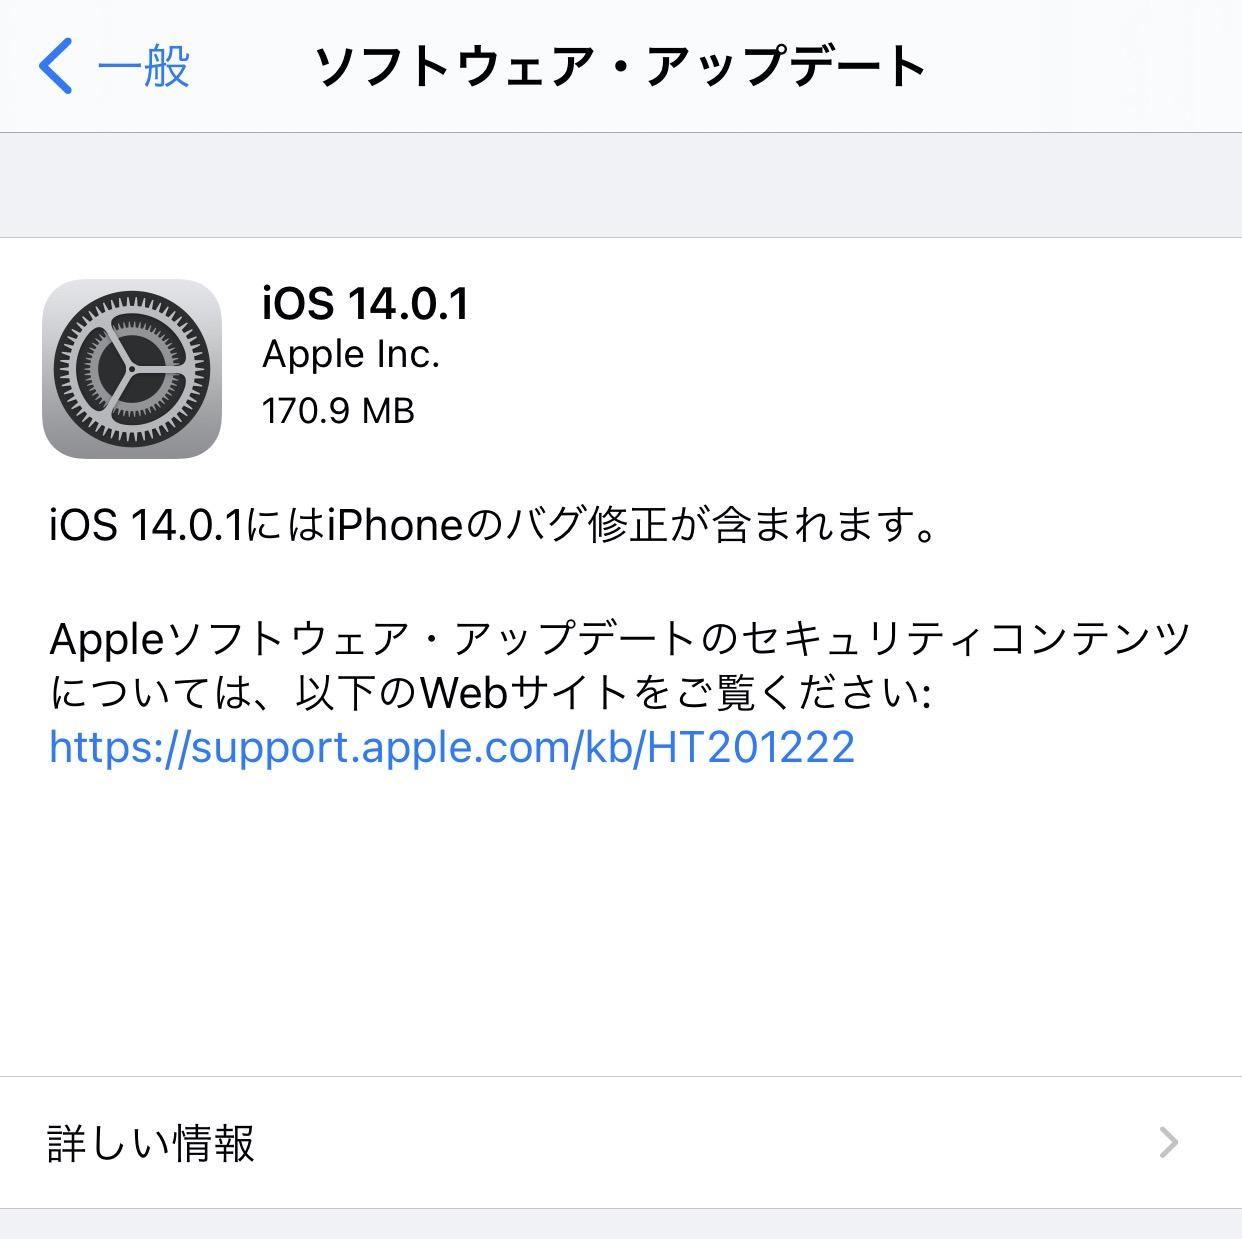 【iOS 14】再起動後にブラウザとメールのデフォルト設定がリセットされる問題などを修正した「iOS 14.0.1ソフトウェアアップデート」リリース